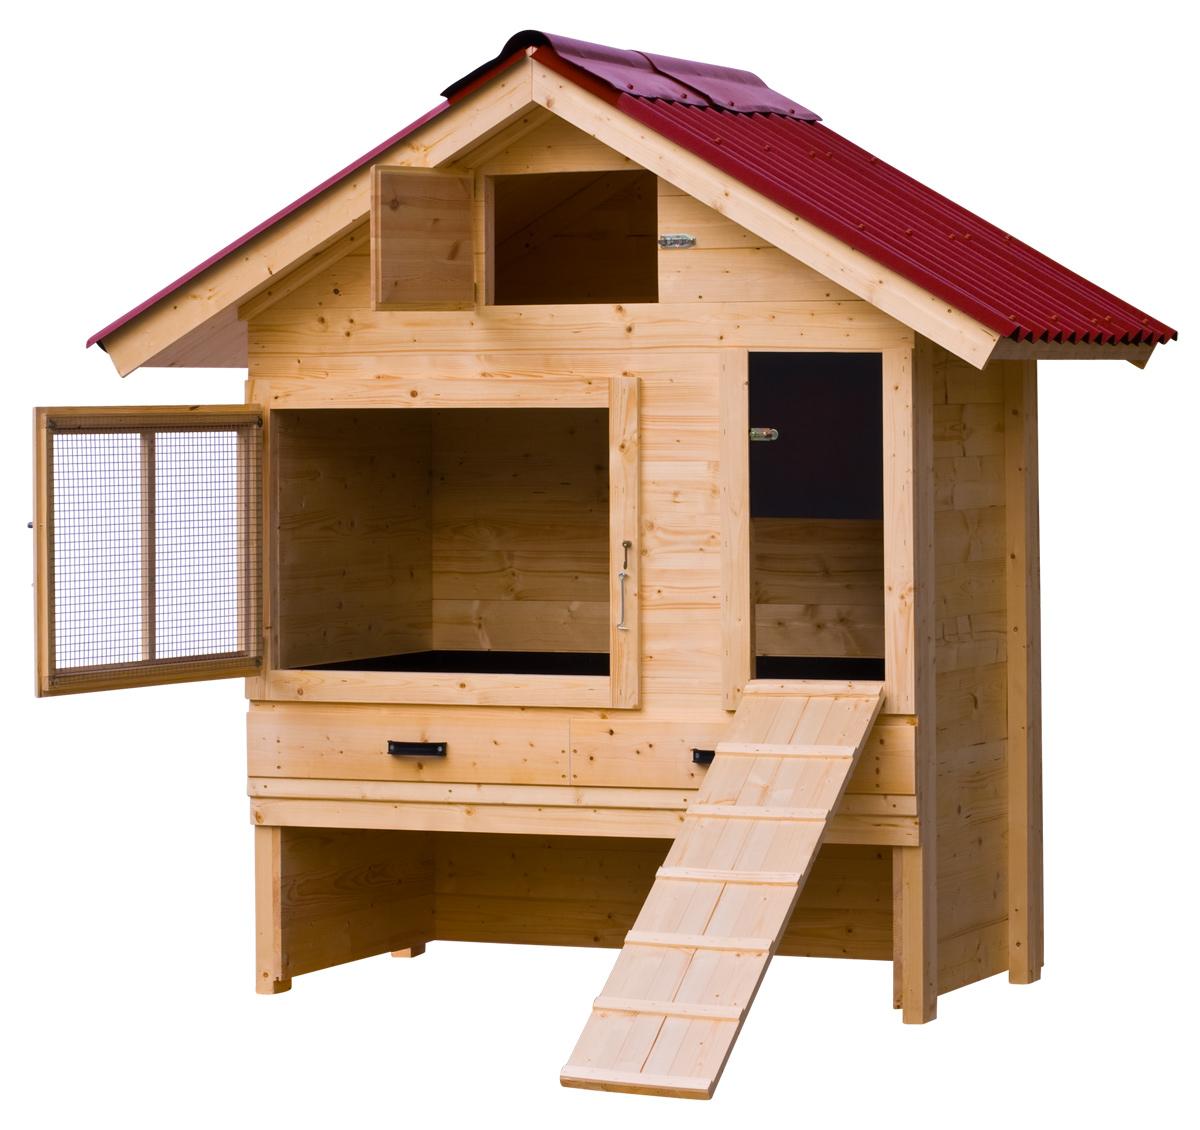 Hühnerstall mit Satteldach kaufen | Hühnerstall Discount ...